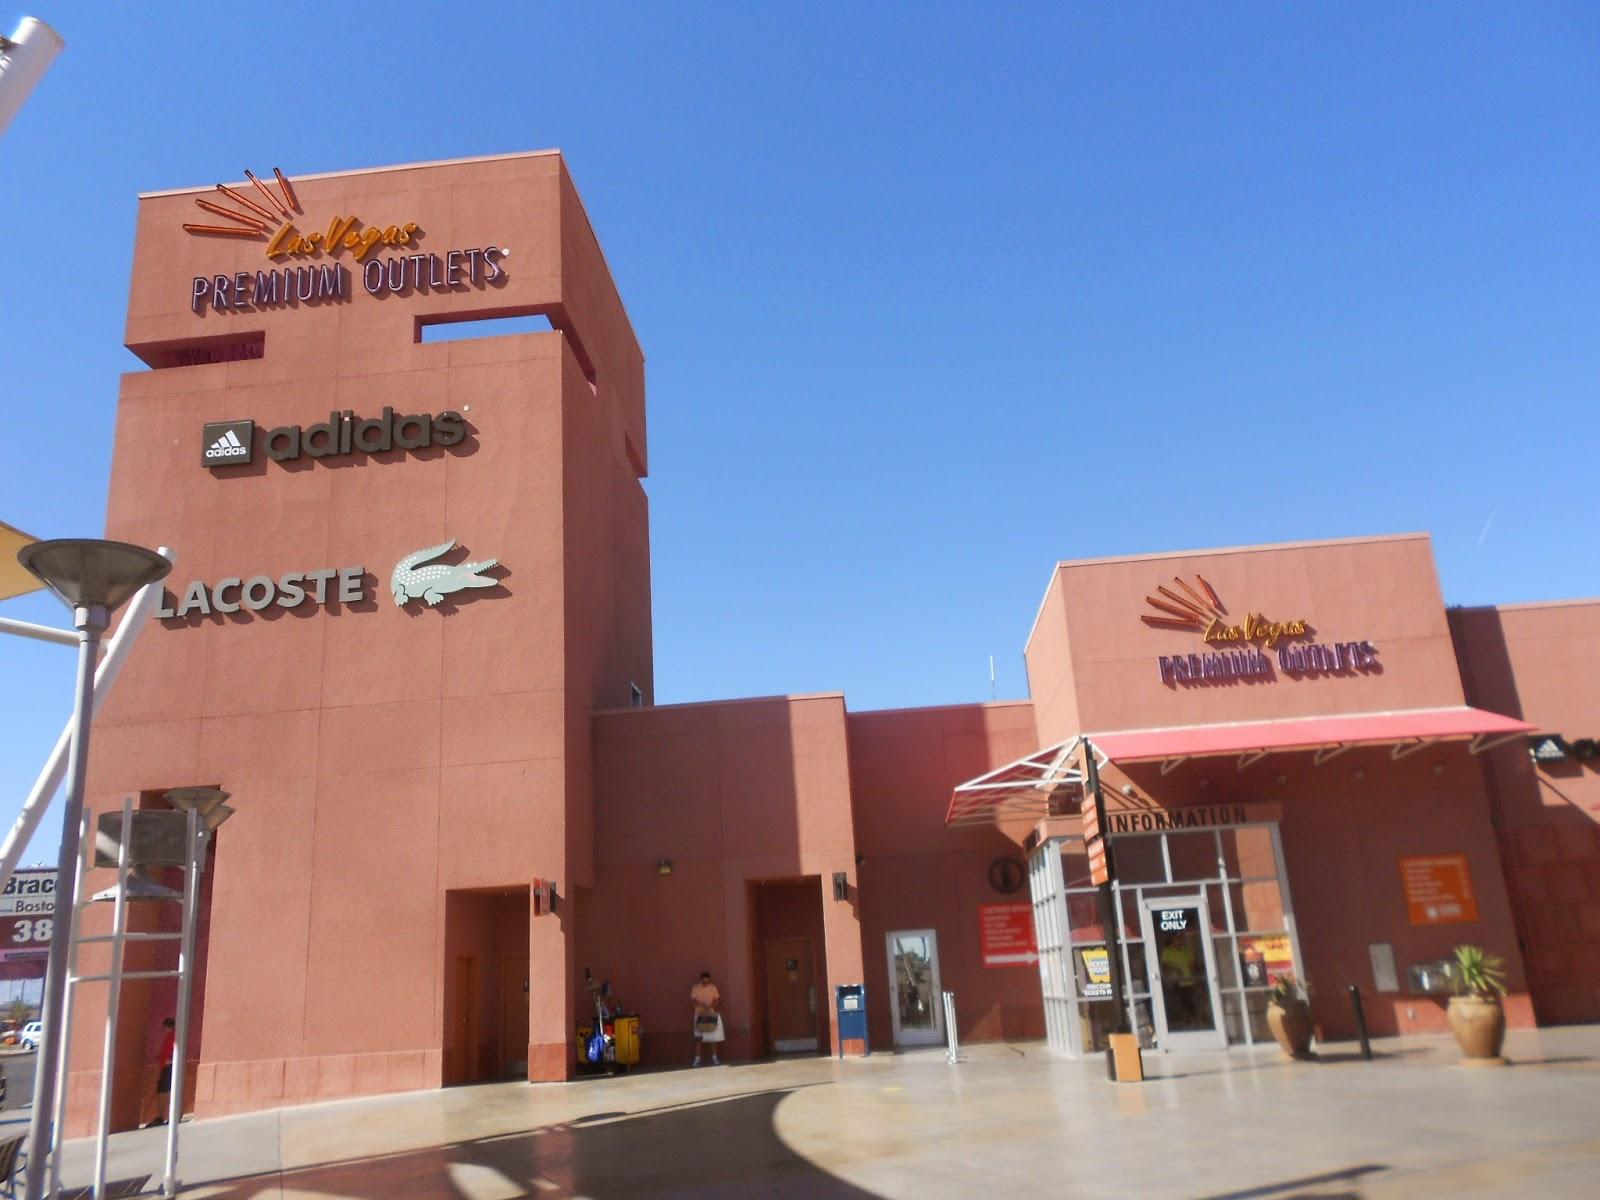 Outlet Premium - Las Vegas